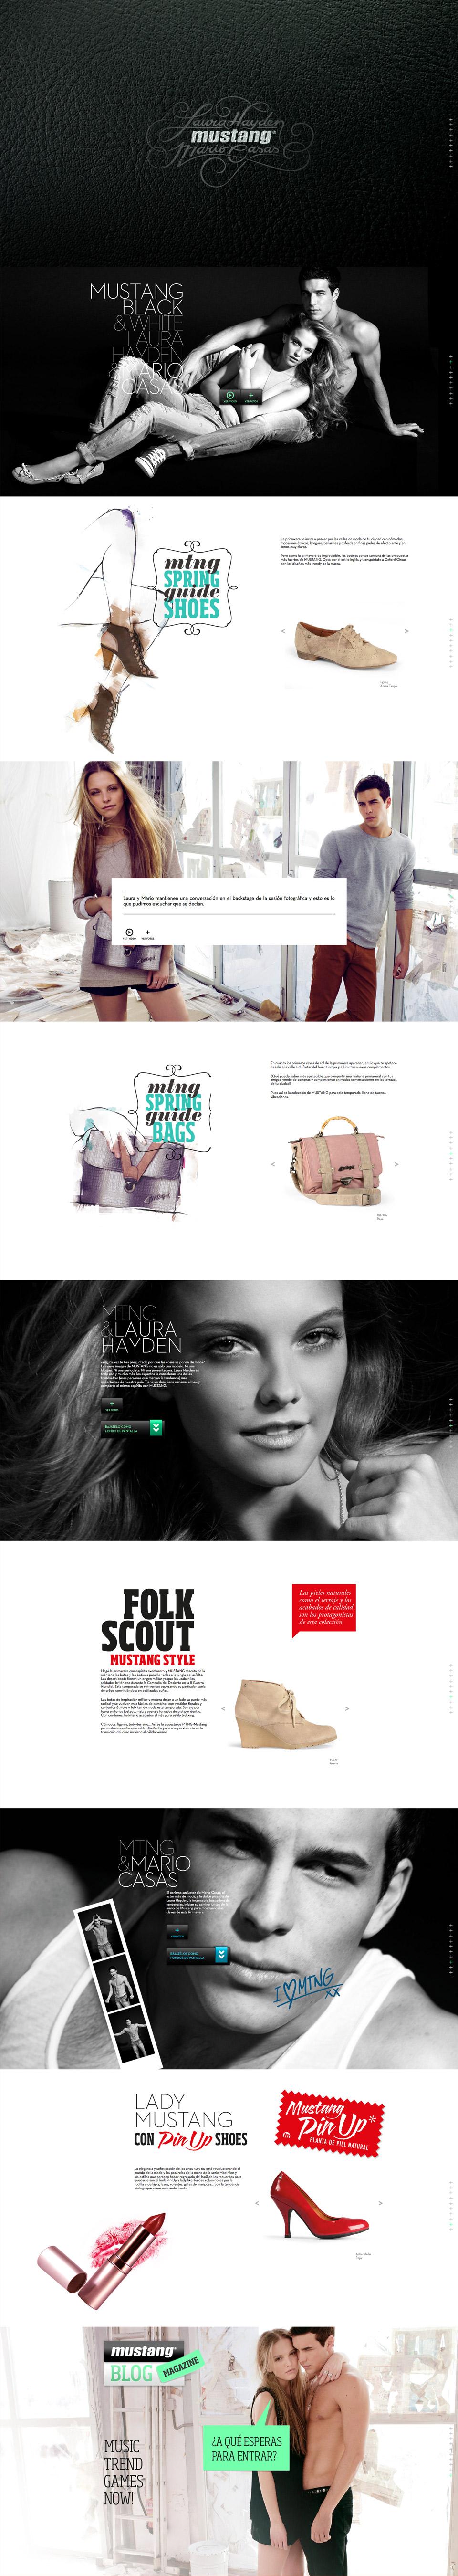 Web Spring Summer MTNG - Mustang Laura y Mario. Pixelarte estudio de diseño gráfico, creatividad y web.